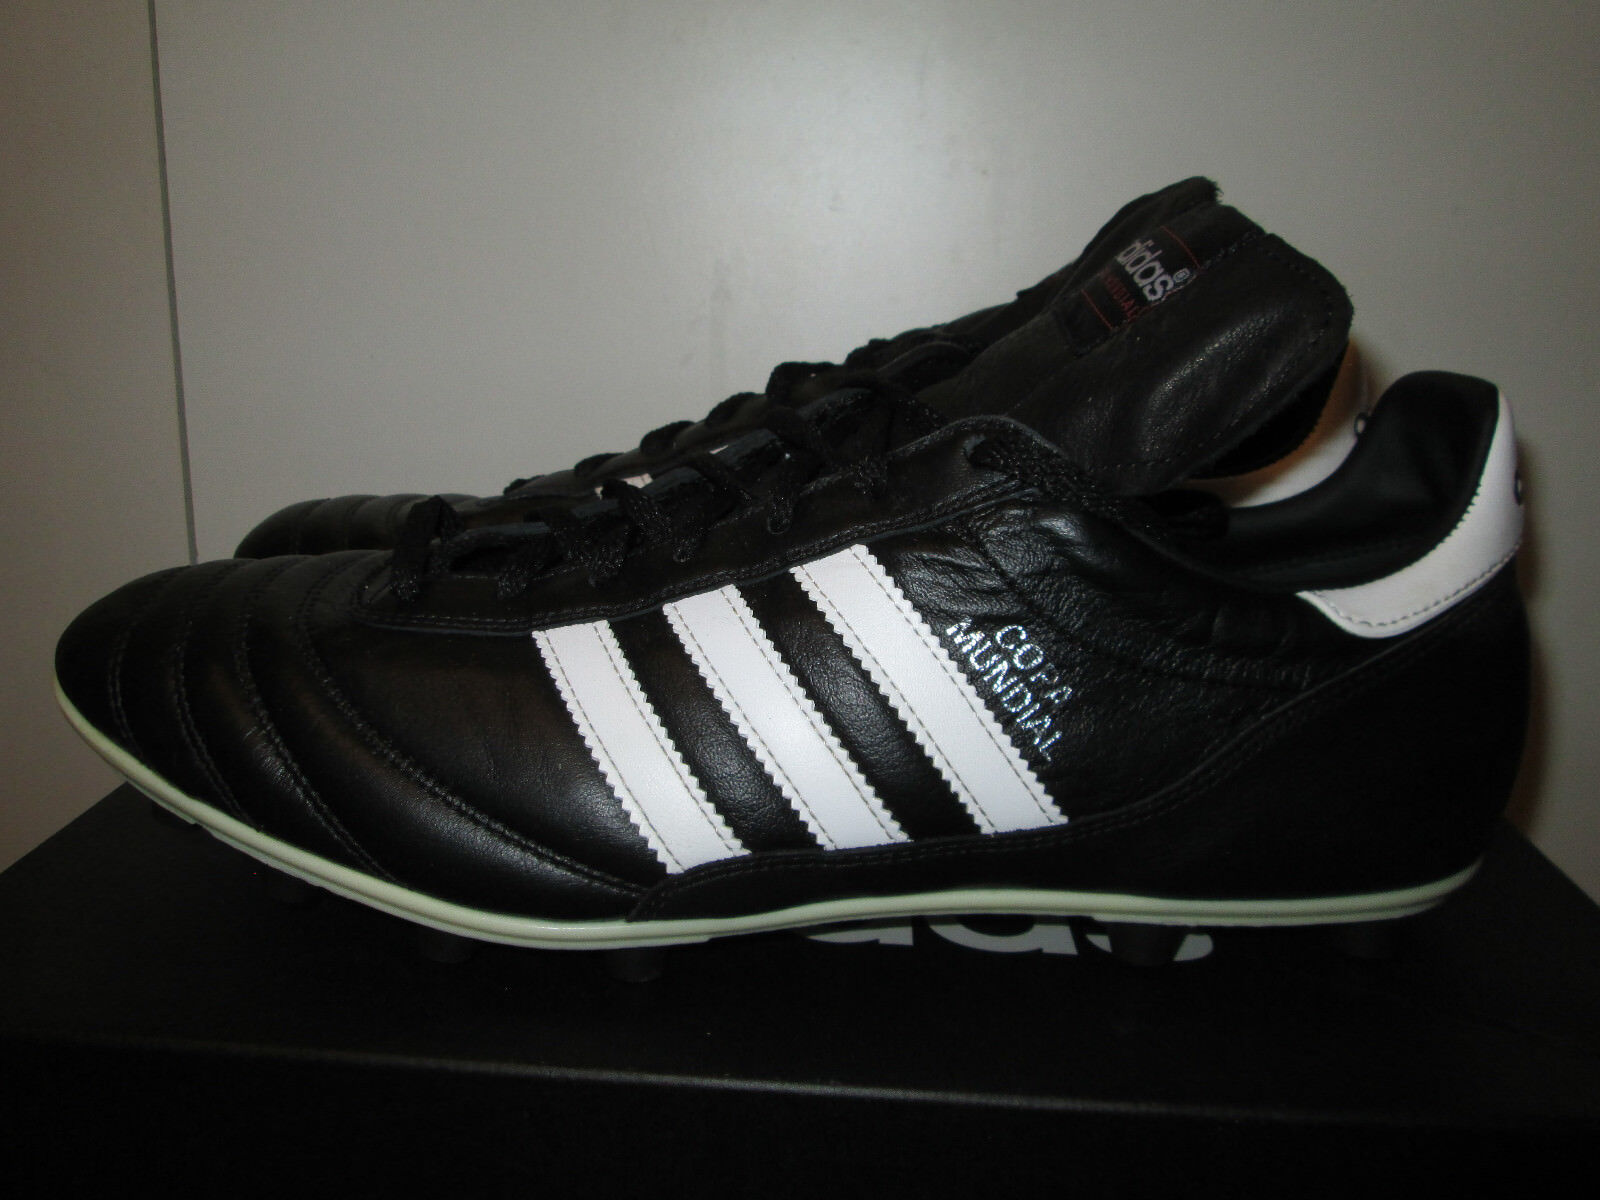 Adidas cuoio copa mundial nero canguro cuoio Adidas fg scarpini da calcio misura 12,5 432b34